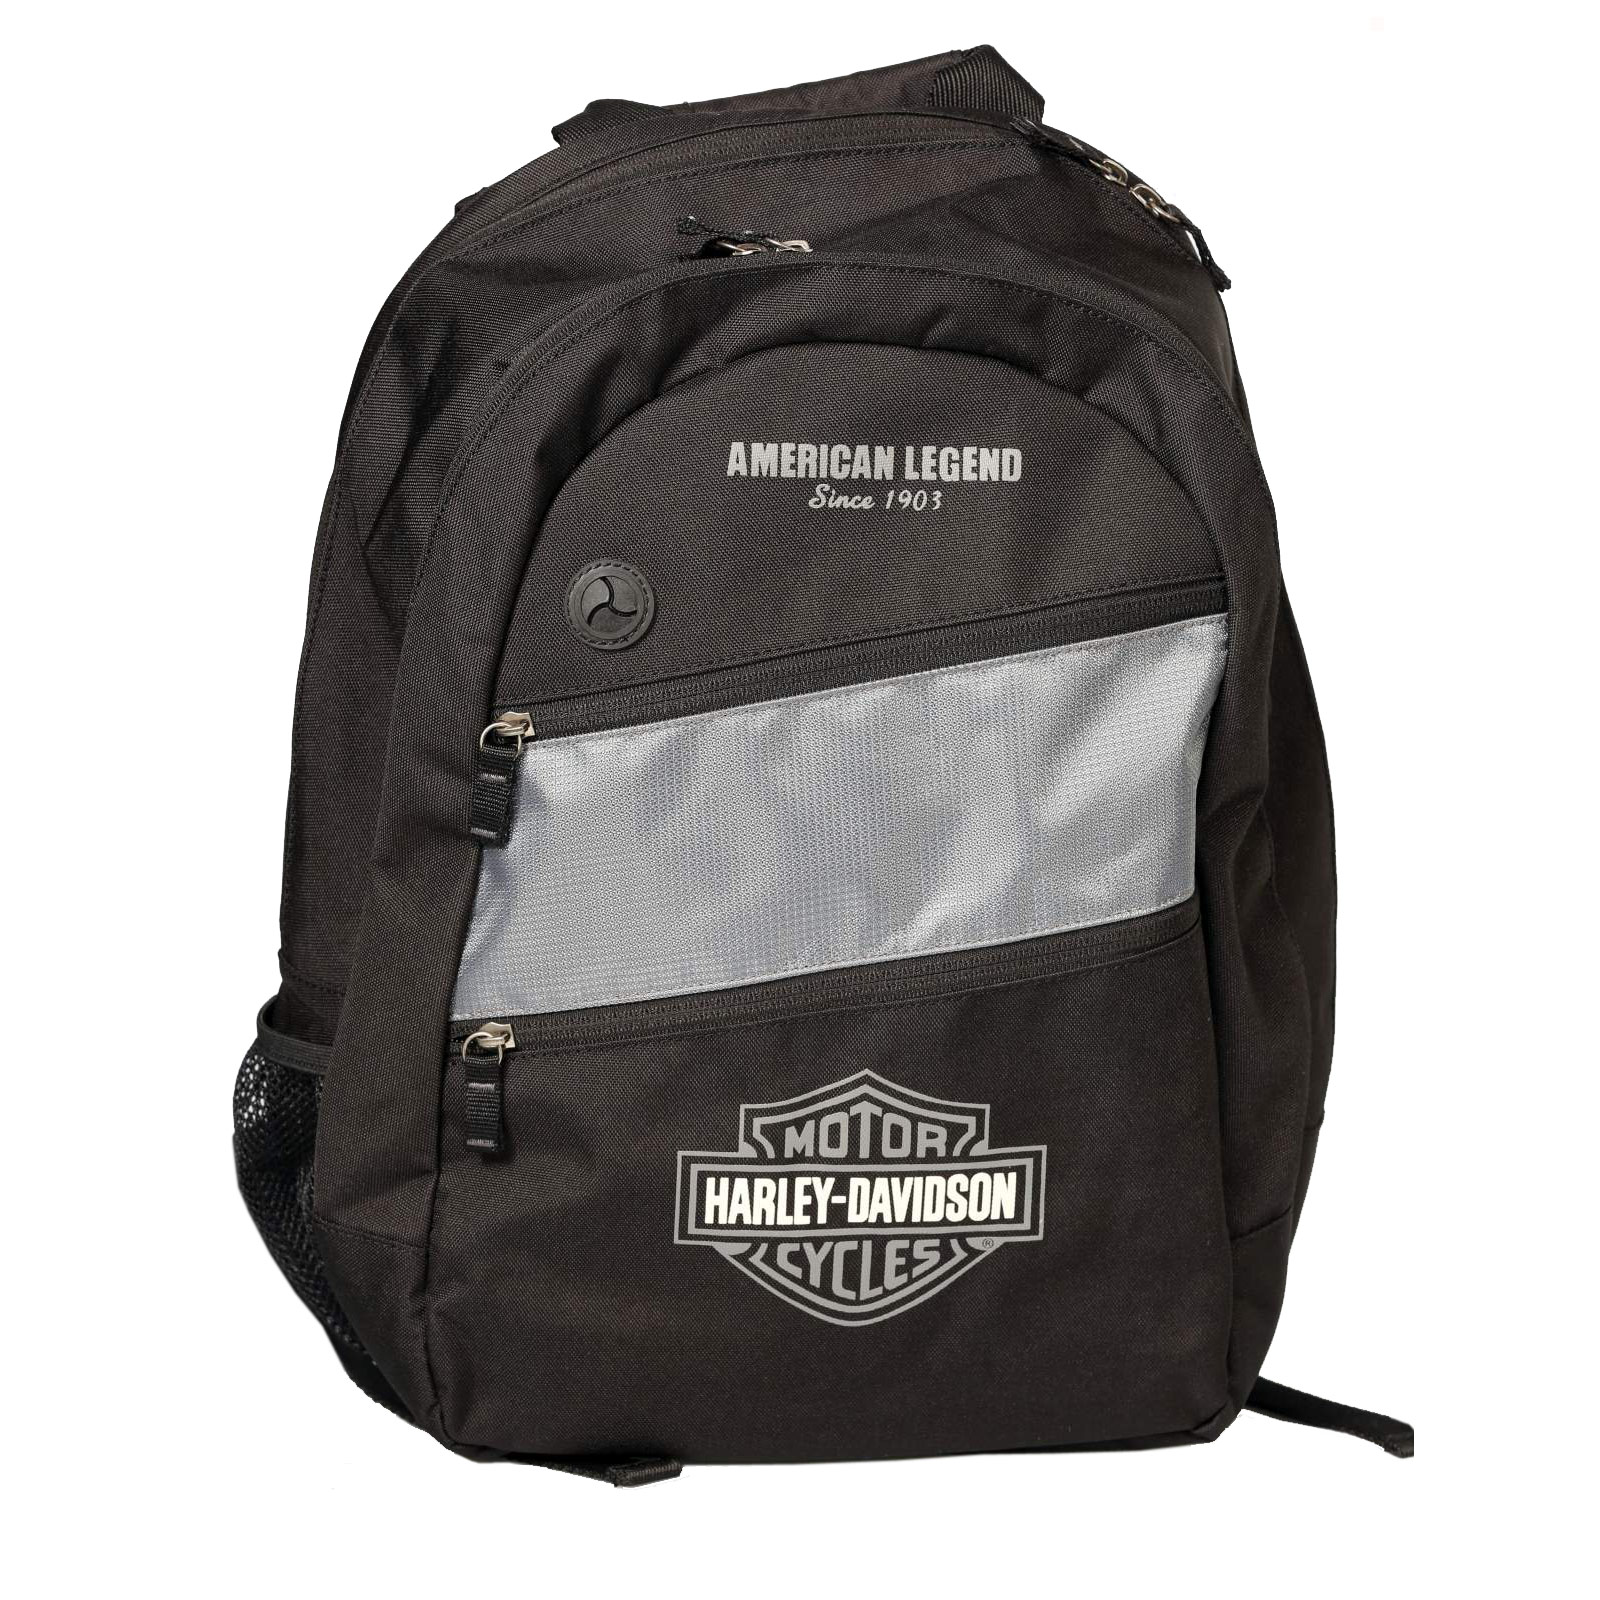 harley davidson day pack backpack grey black at. Black Bedroom Furniture Sets. Home Design Ideas